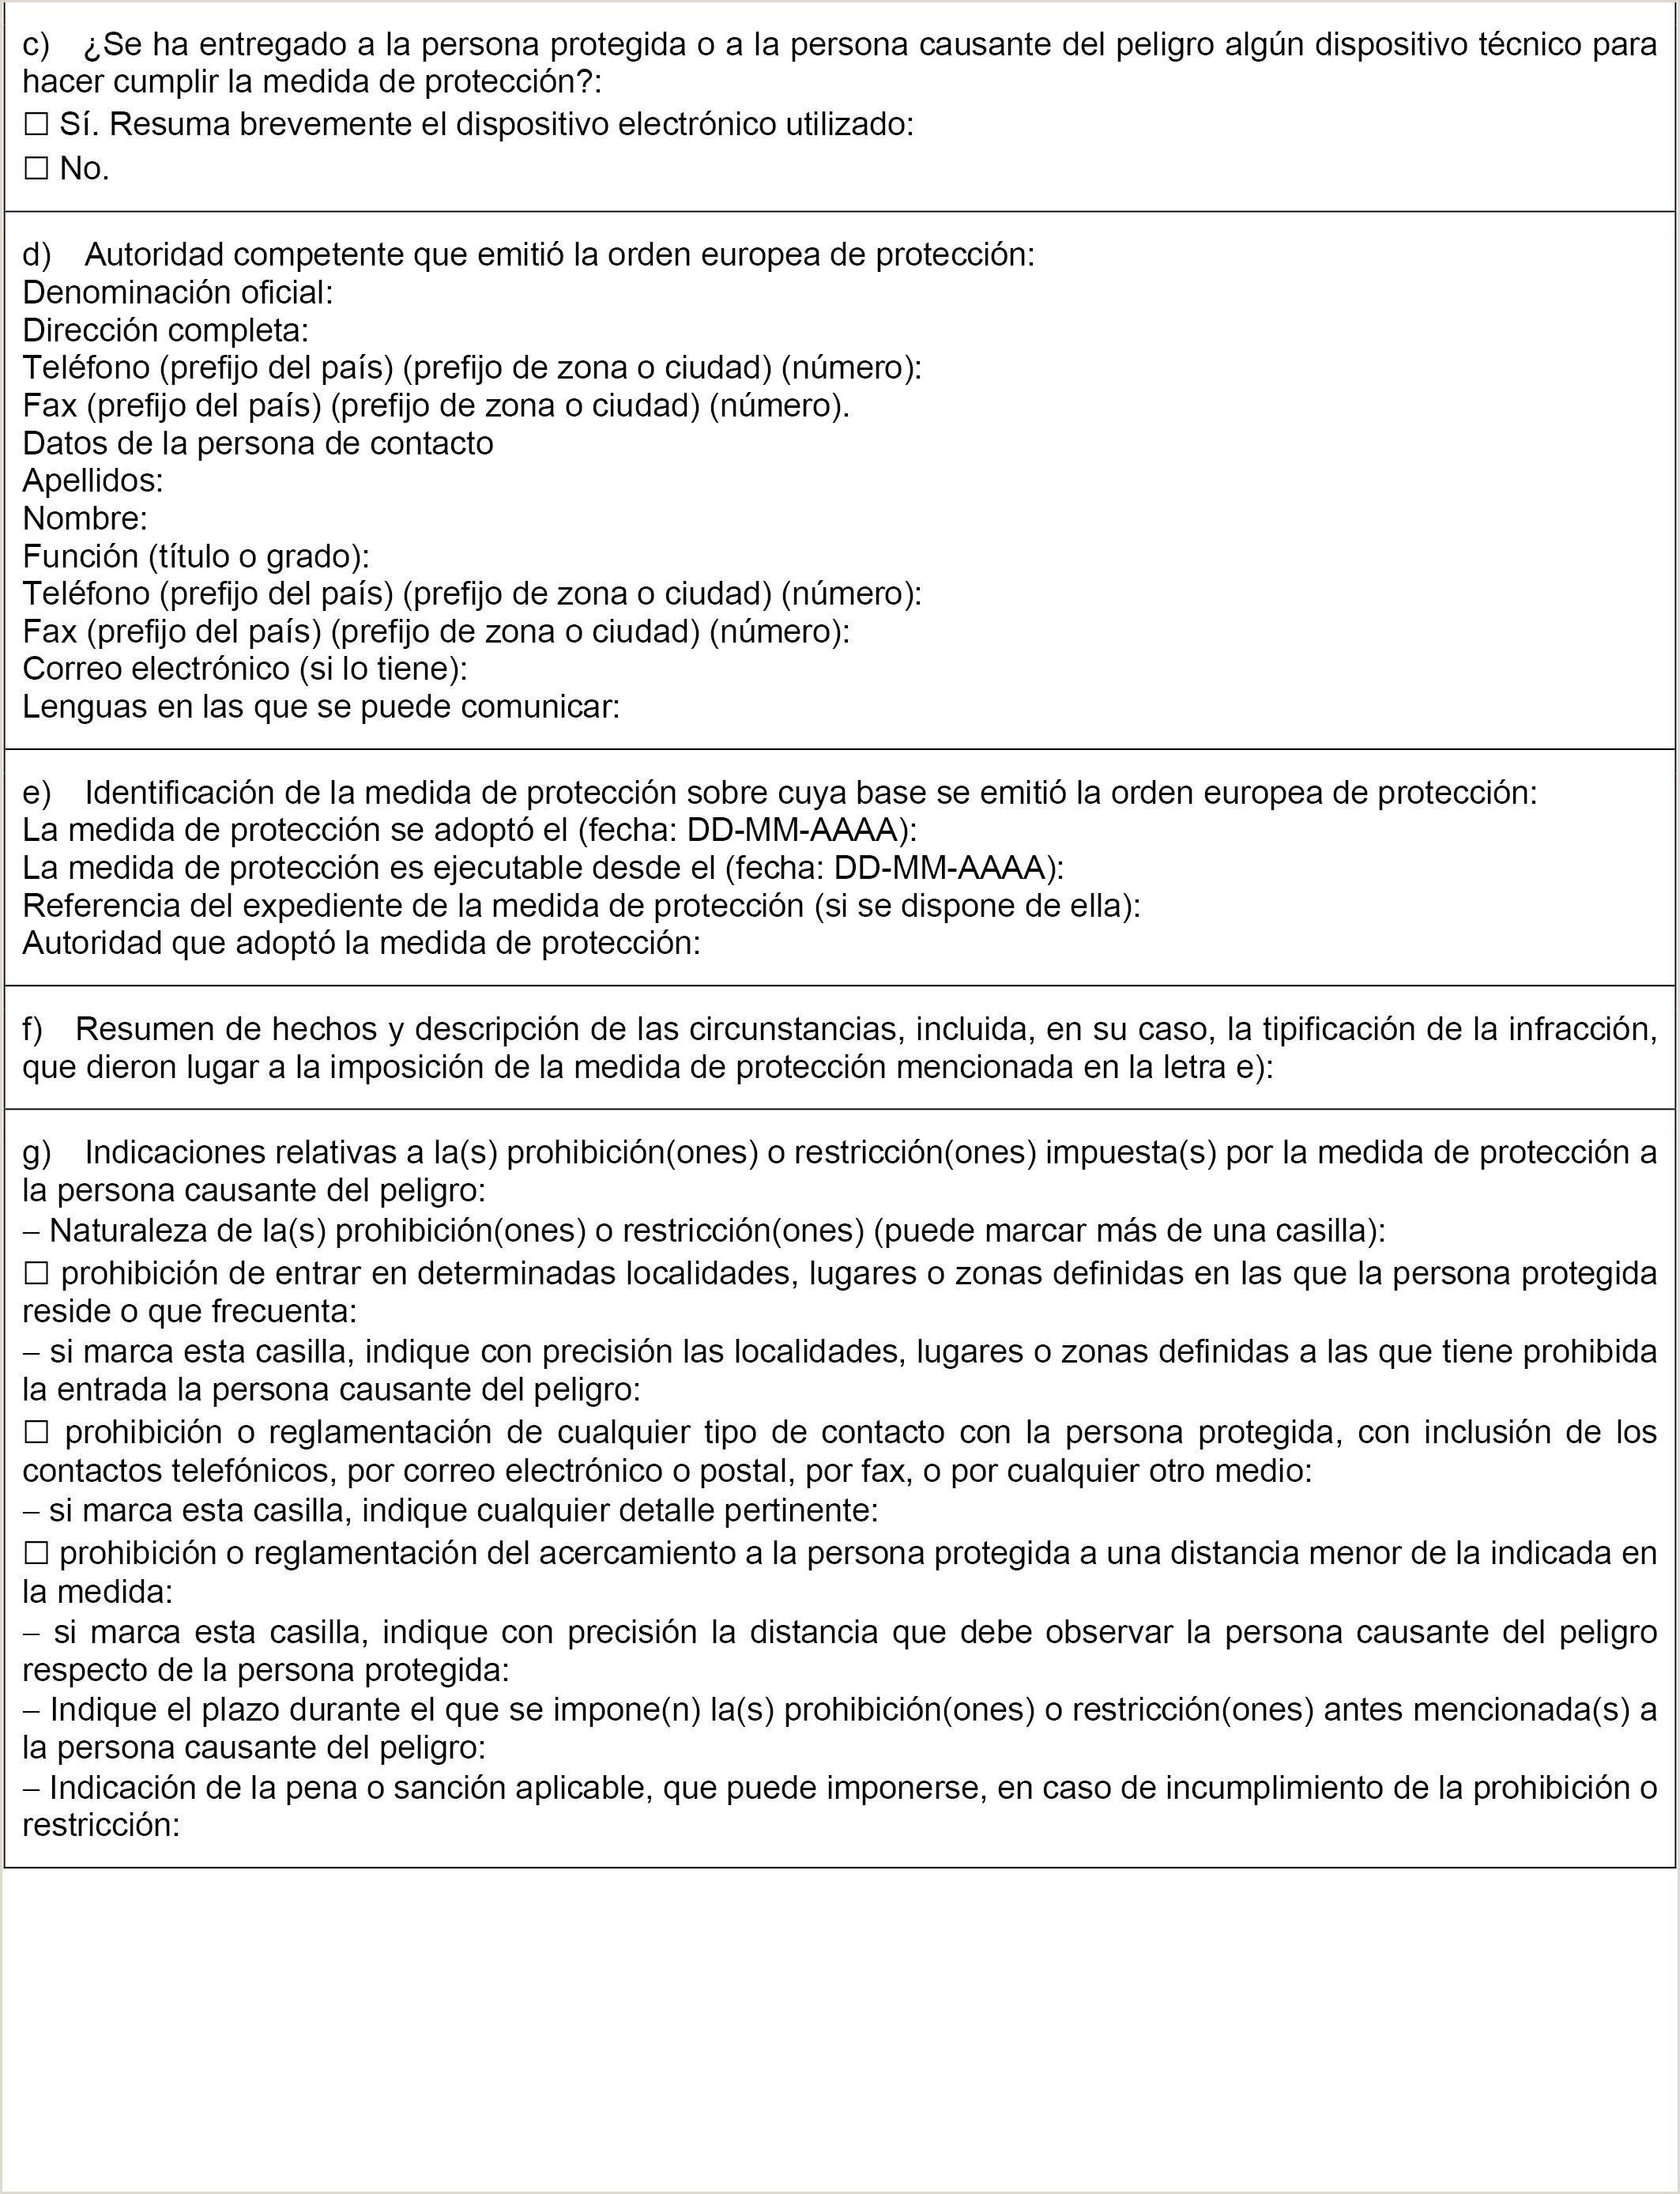 Formato Unico De Hoja De Vida Actualizado 2018 Boe Documento Consolidado Boe A 2014